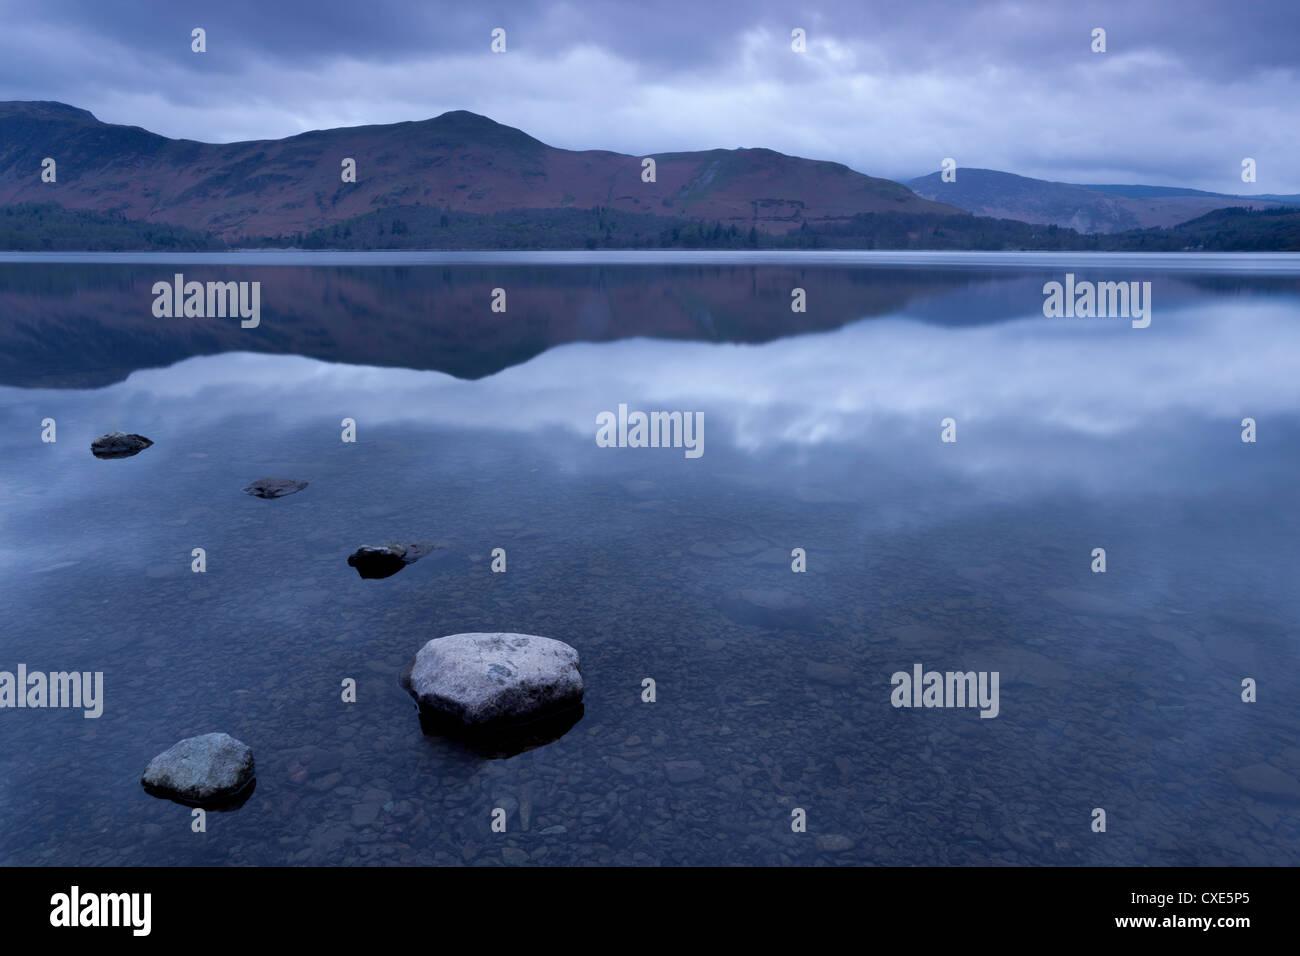 Alba dalla riva sudorientale di Derwentwater, Keswick, Parco Nazionale del Distretto dei Laghi, Cumbria, England, Immagini Stock